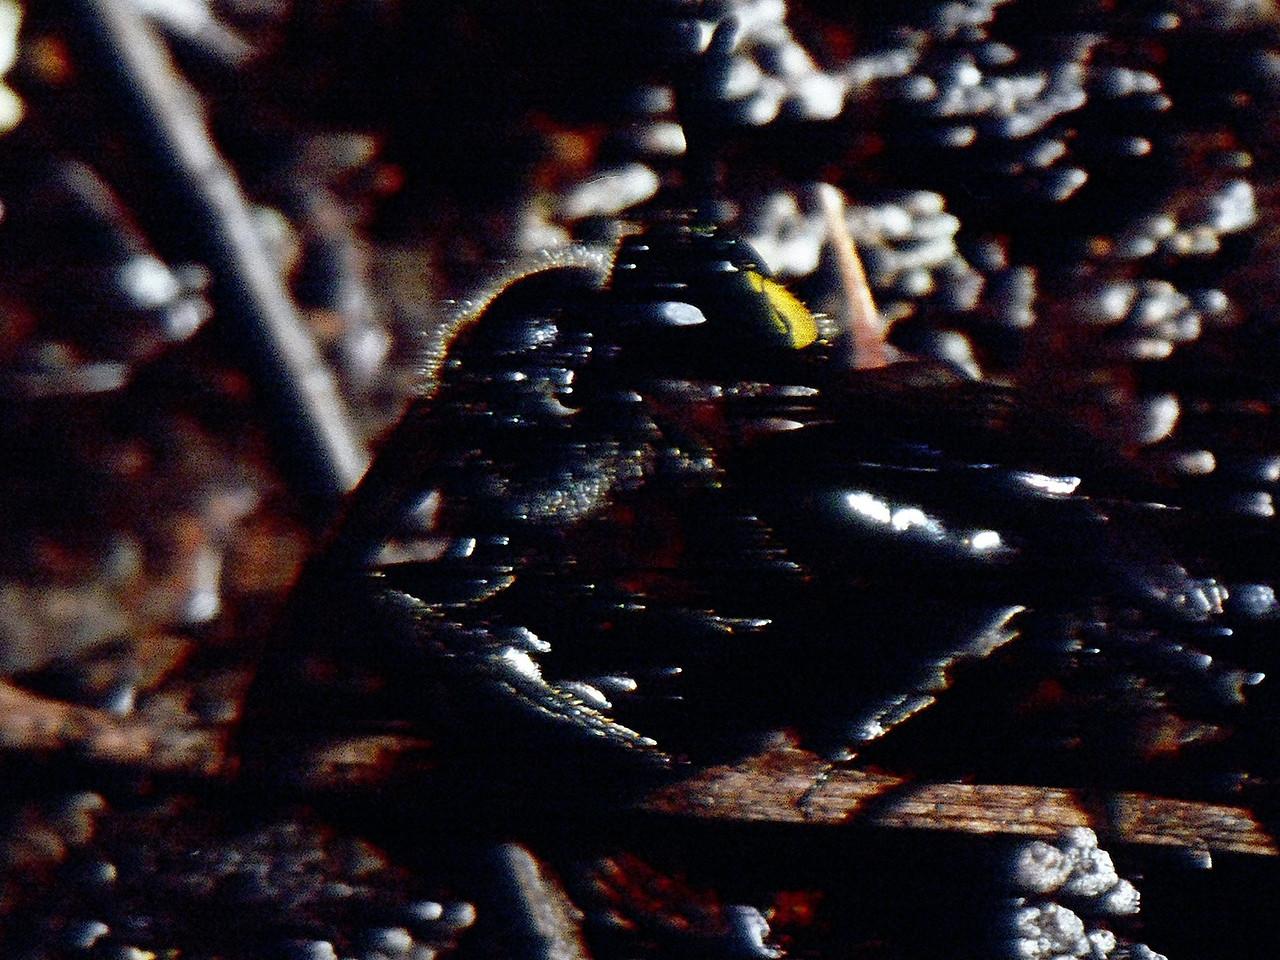 Hylaeus sp. (Colletidae), Mauina Loa (Big Island)